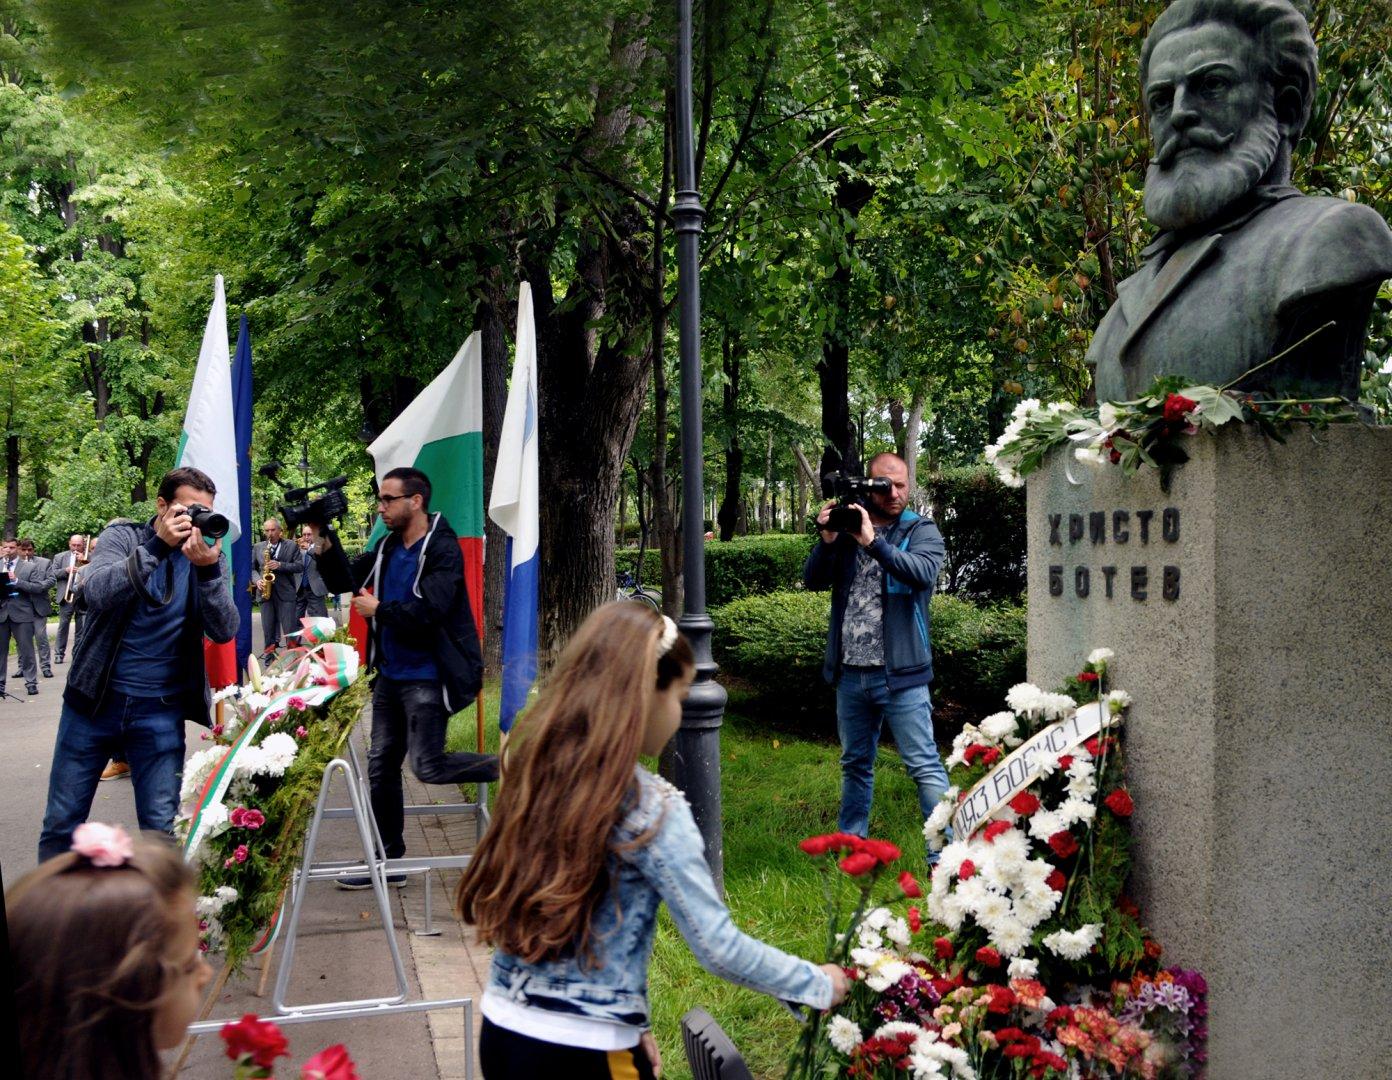 Бургазлии поставиха венци и цветя на паметника на Христо Ботев в Морската градина. Днес се навършват 144 години от гибелта на великия революционер. Сниимки Черноморие-бг